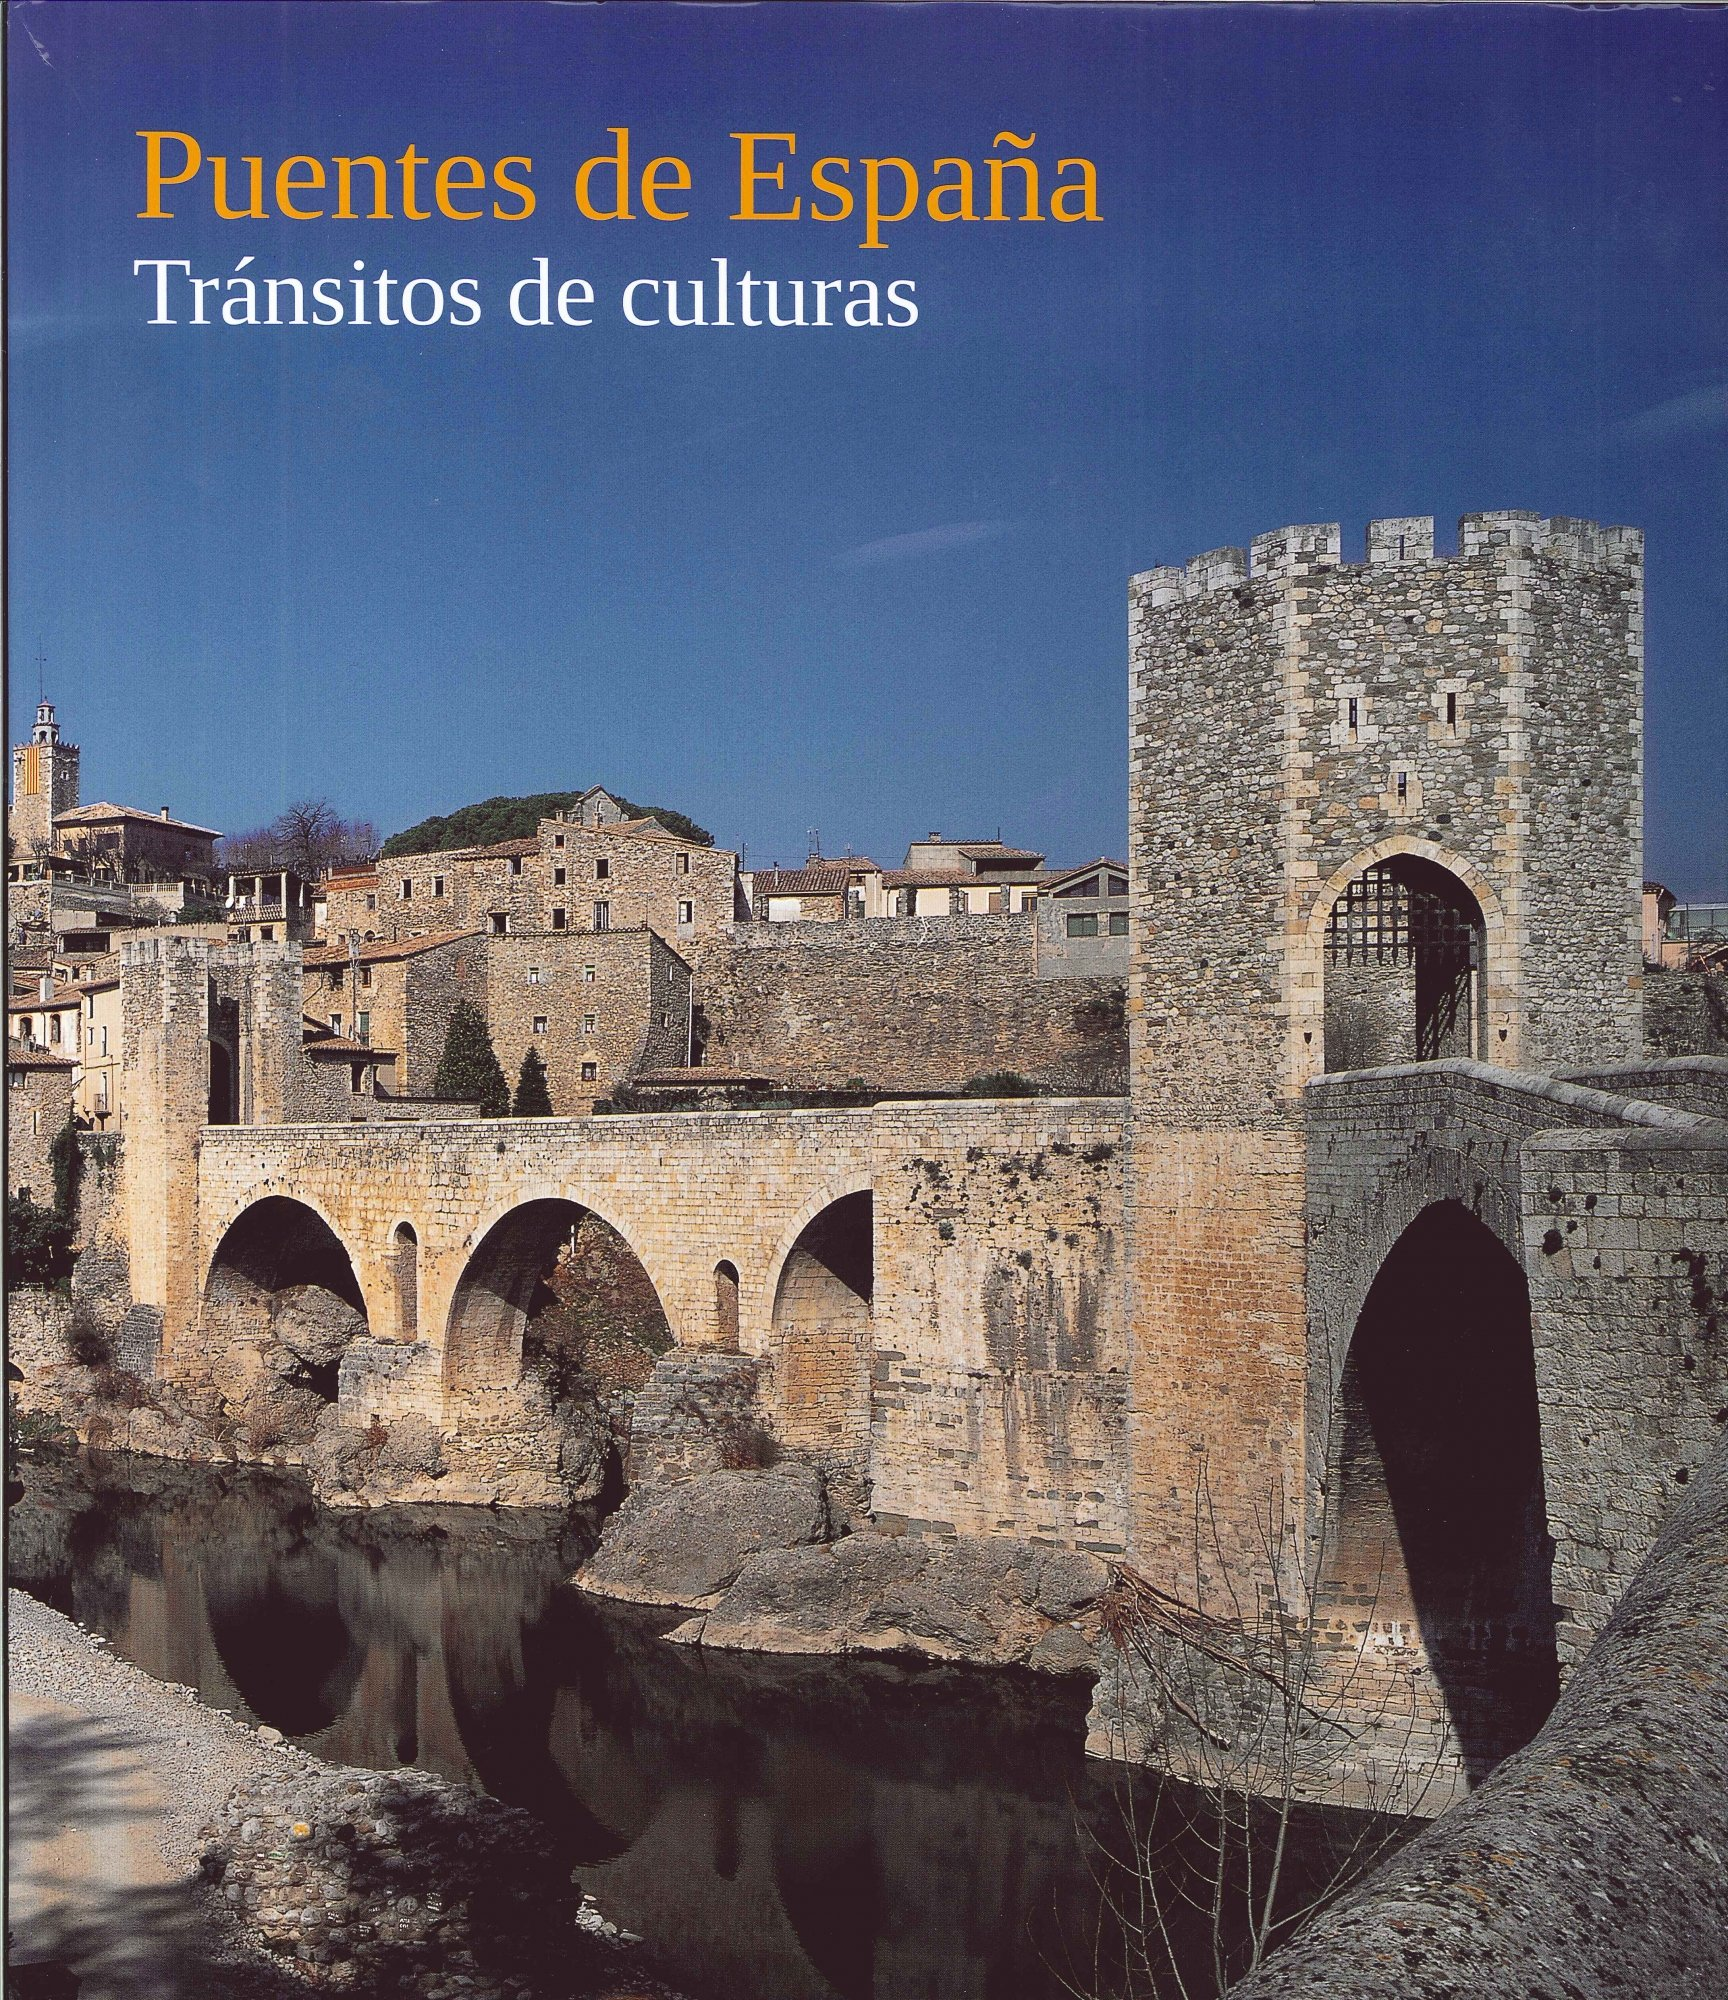 Puentes de España. Tránsitos de culturas (General): Amazon.es: AA. VV., Truini, William: Libros